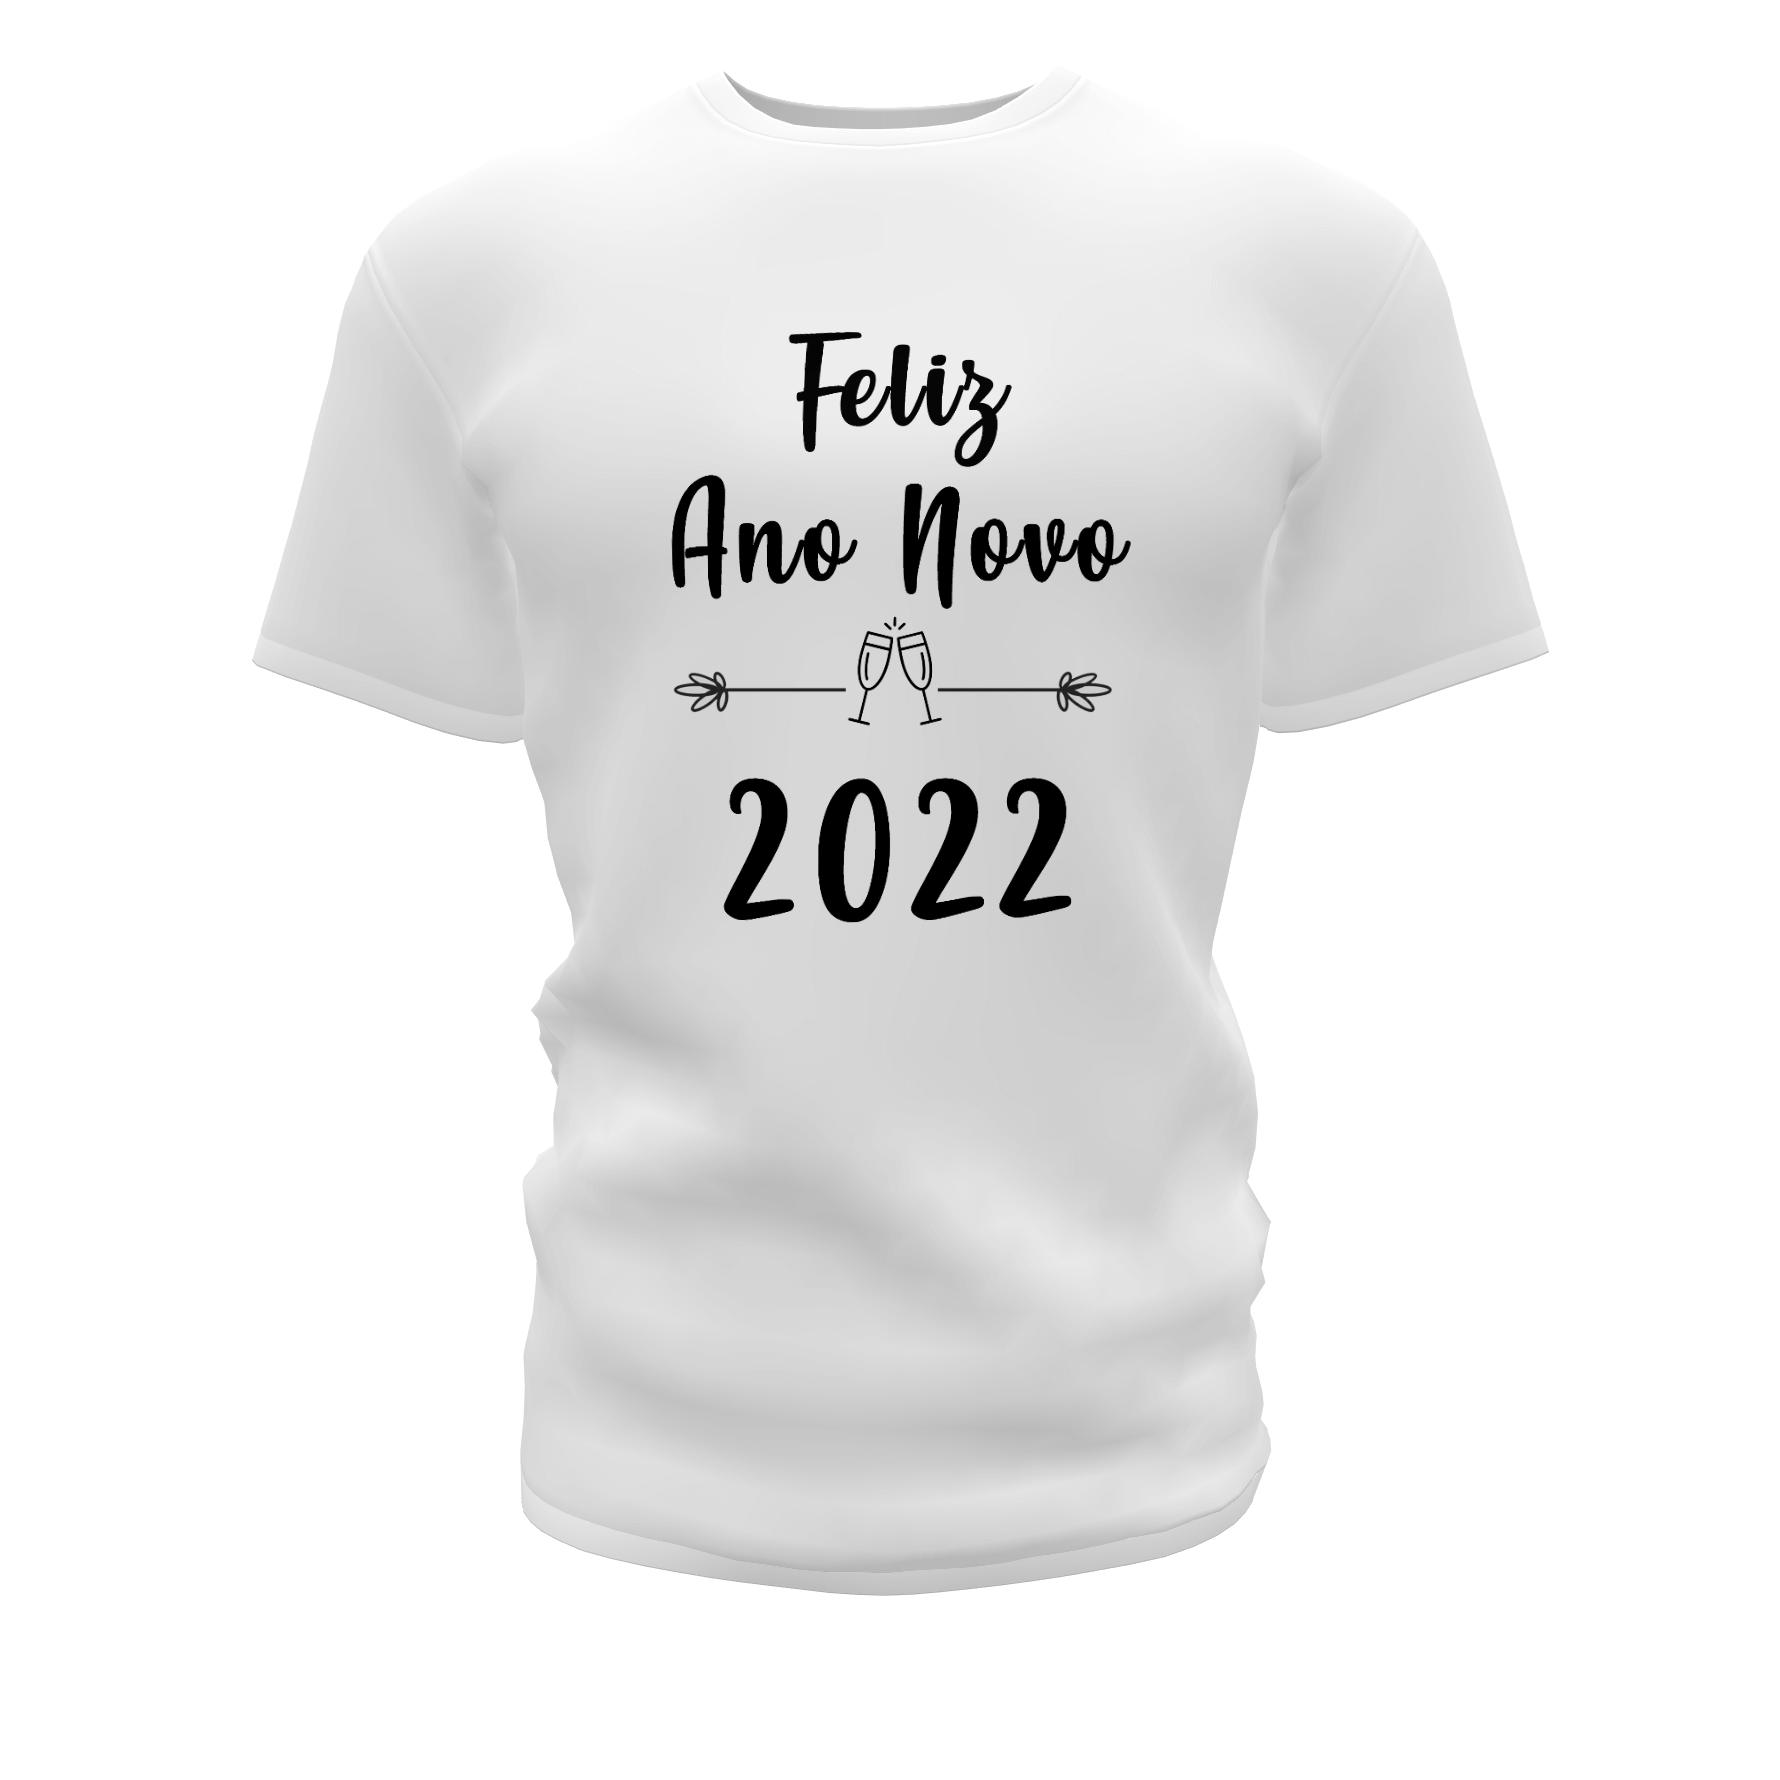 Camisetas Personalizadas para Ano Novo